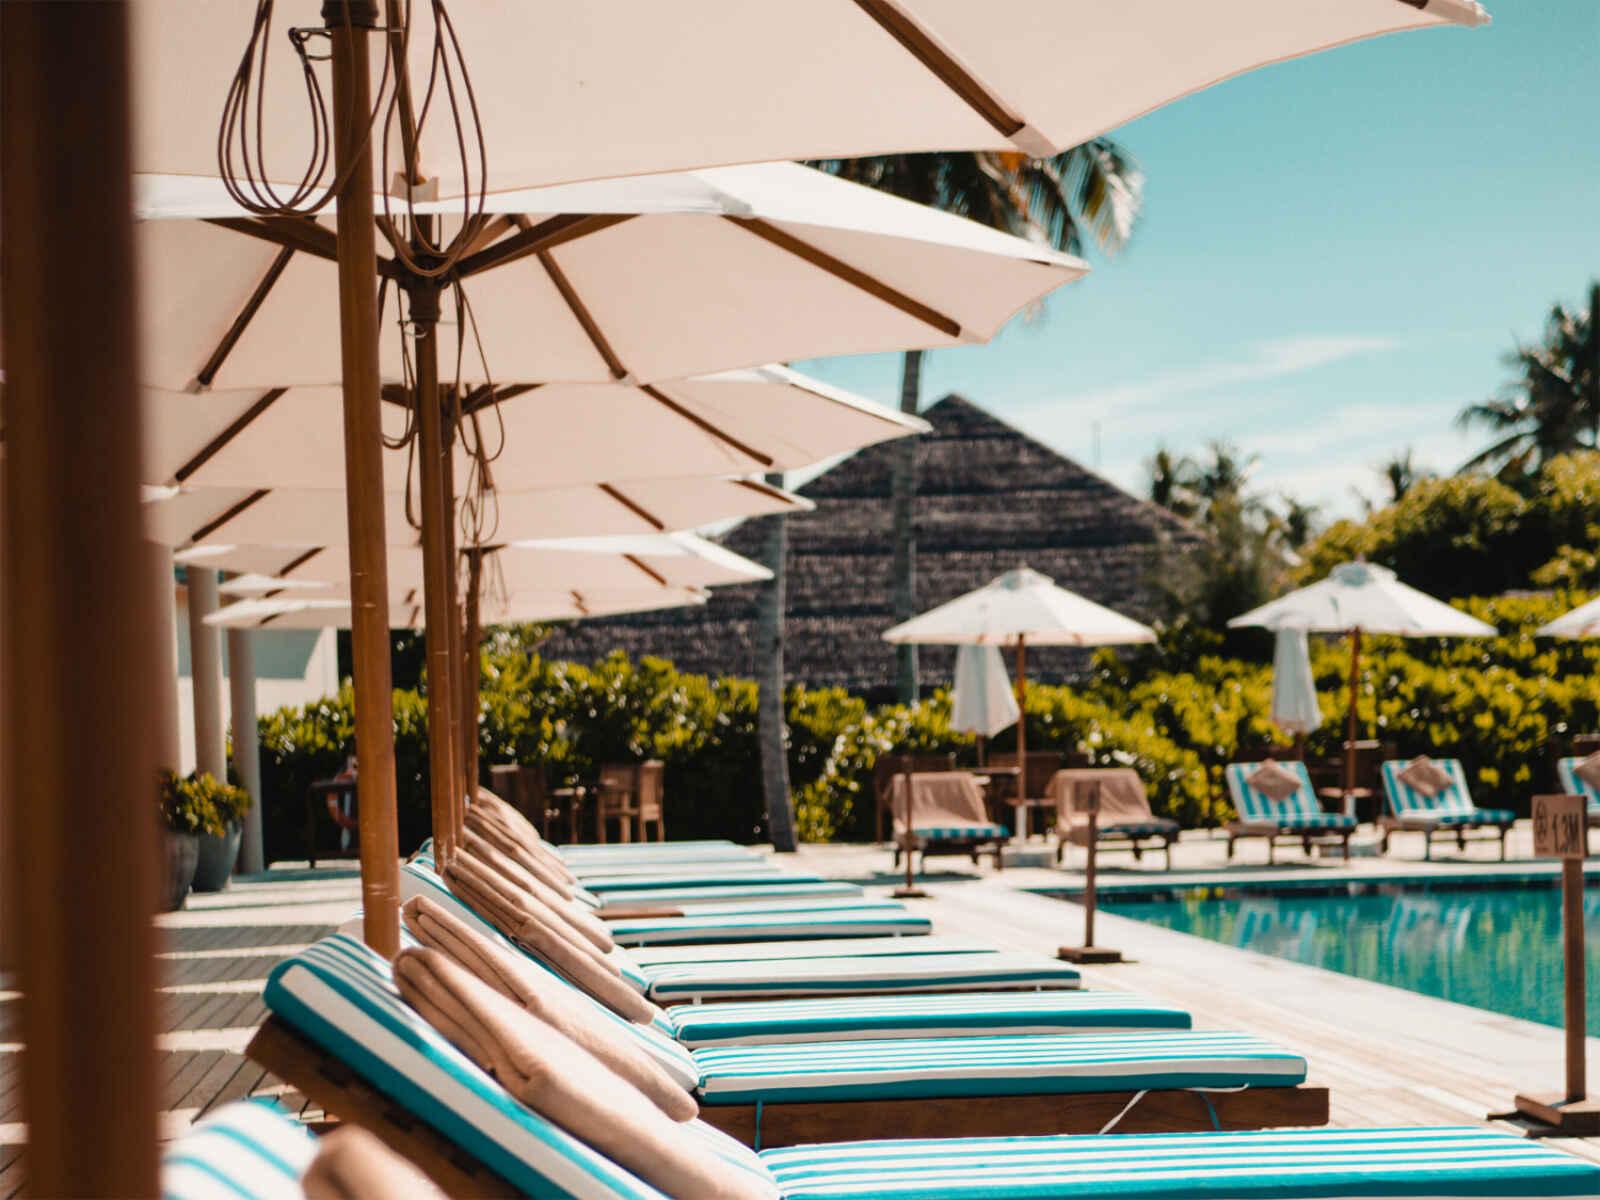 Maldives : Reethi Faru Resort